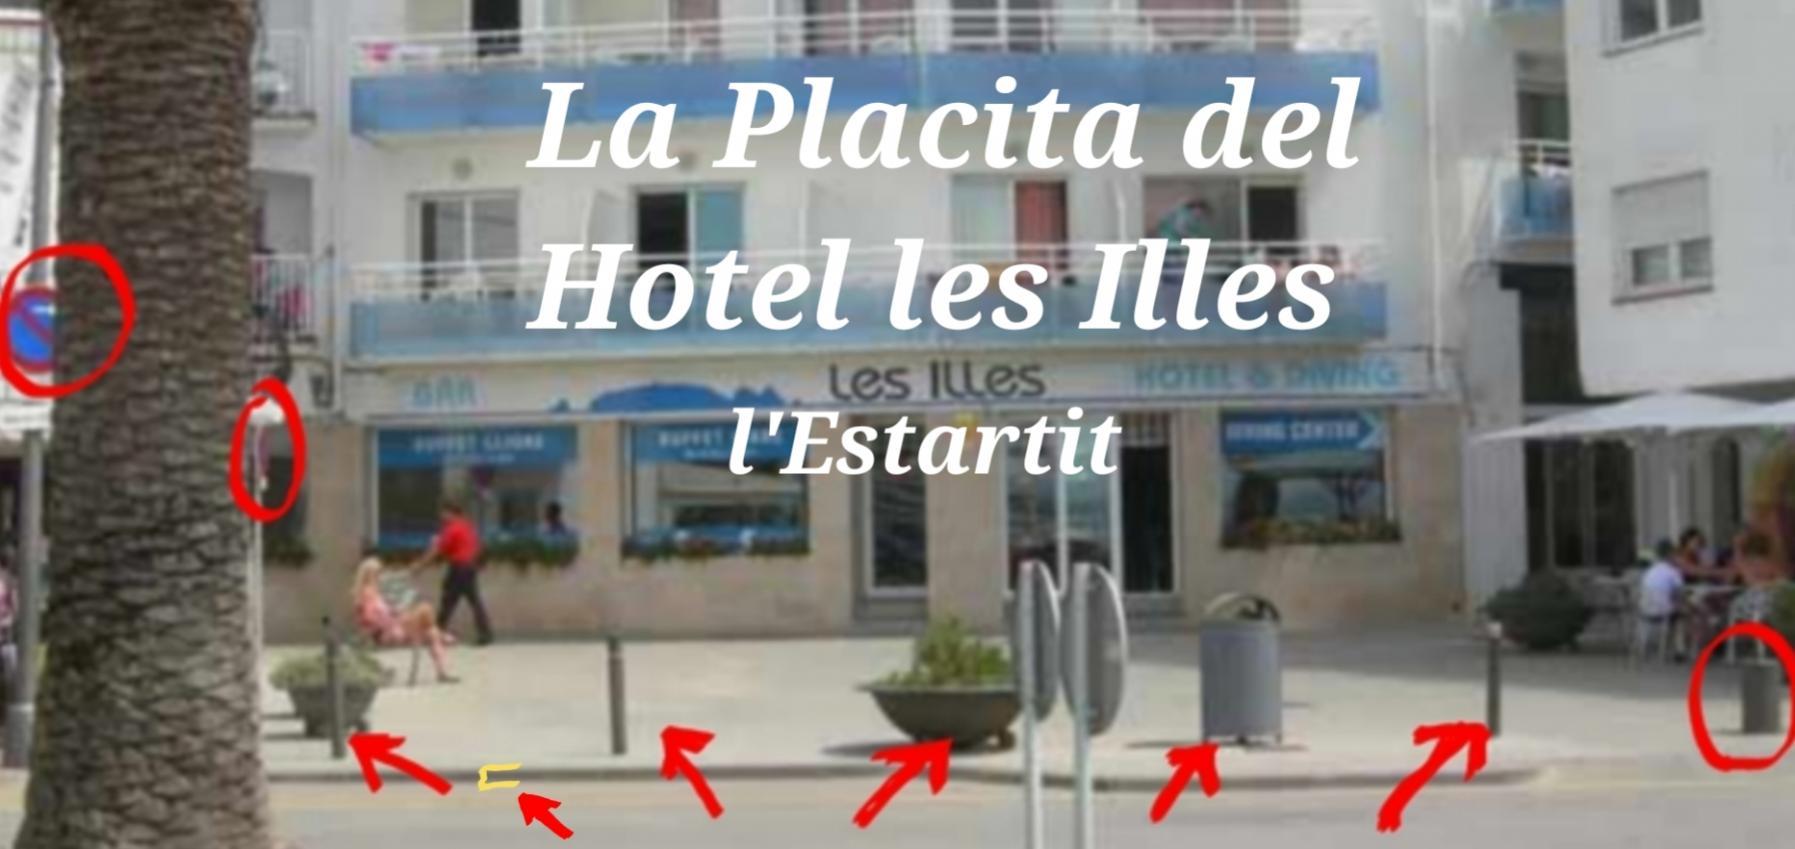 Hotel les illes estartit placita dalmau